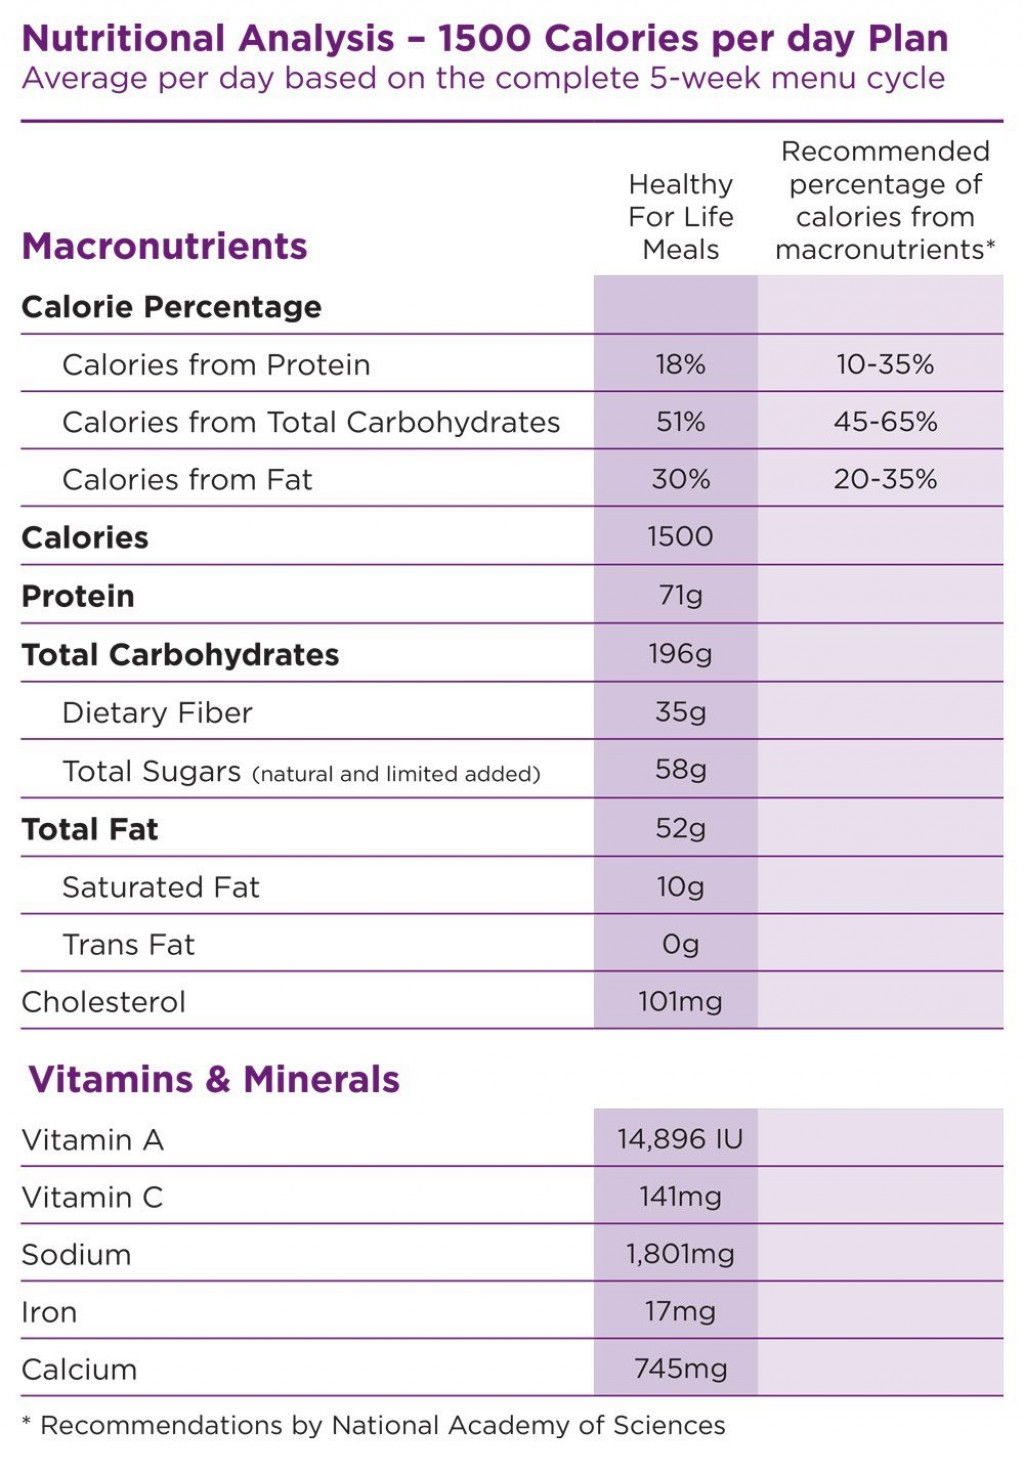 008 Breathtaking Sample 1500 Calorie Meal Plan Pdf Large